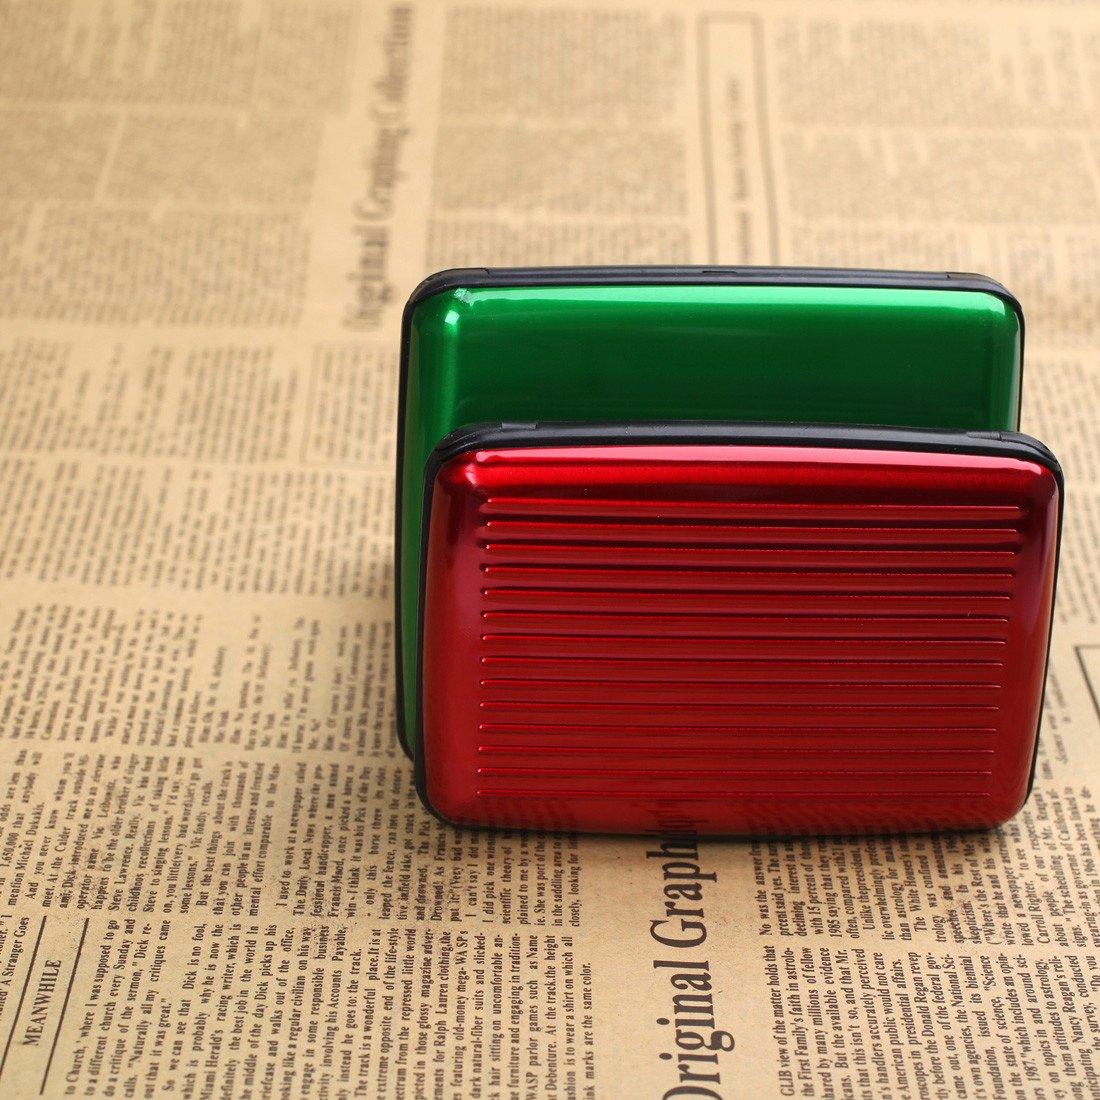 ECB0303 Firebrick Green Unisex Mejor Moda de aluminio de la tarjeta de cartera Carteras - 2 tama?os disponibles por Epoint: Amazon.es: Ropa y accesorios